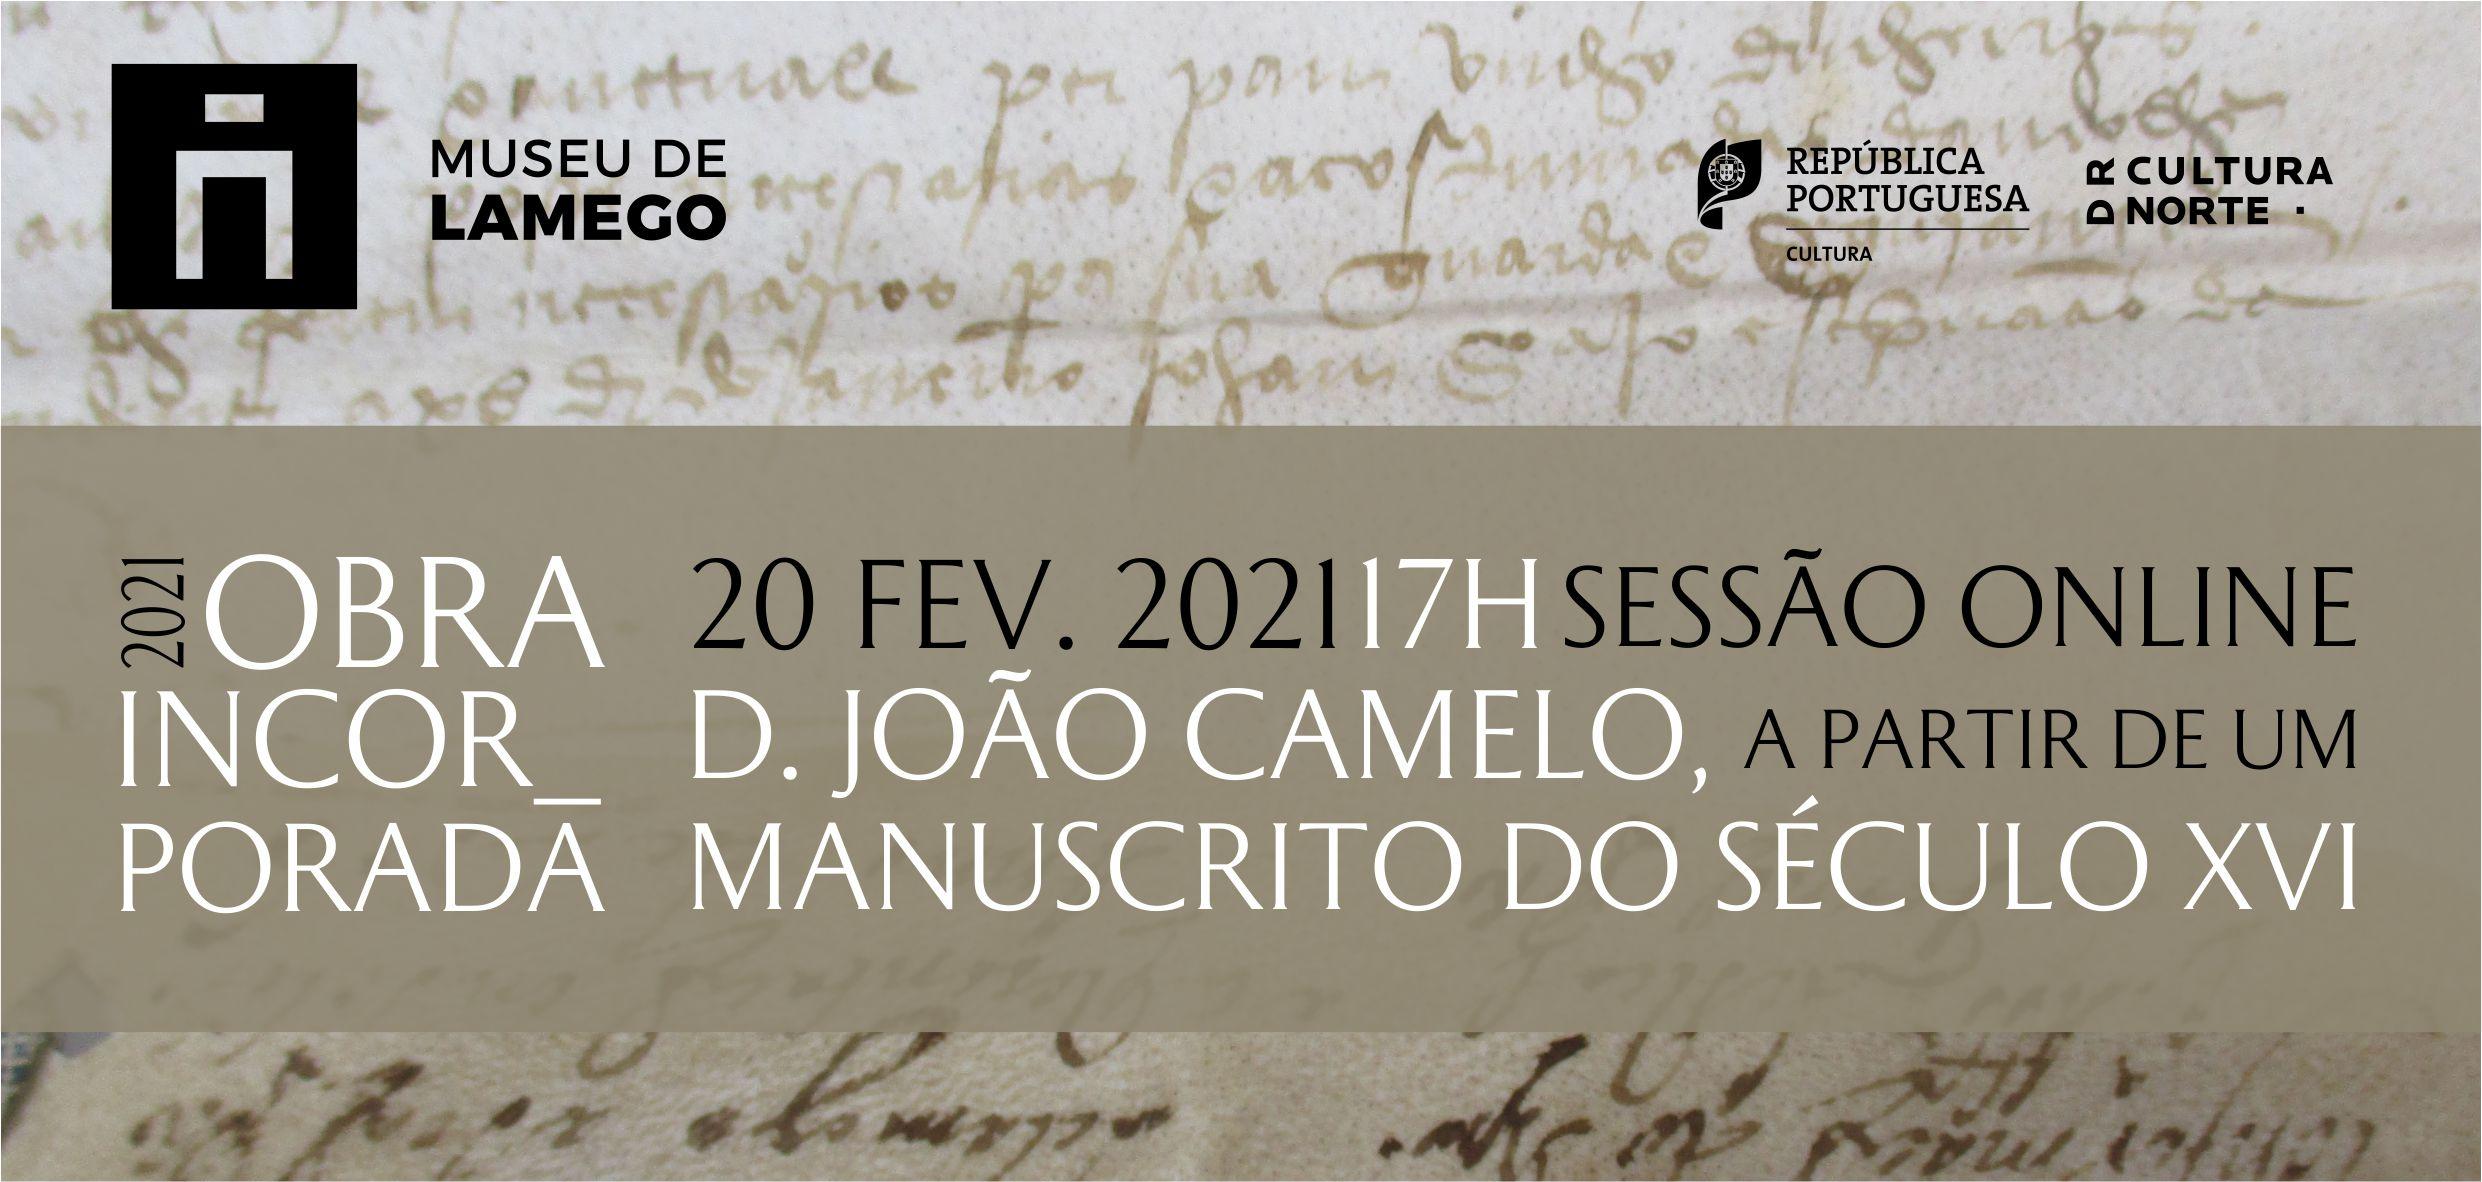 Obra incorporada   Apresentação online de um manuscrito de 1506